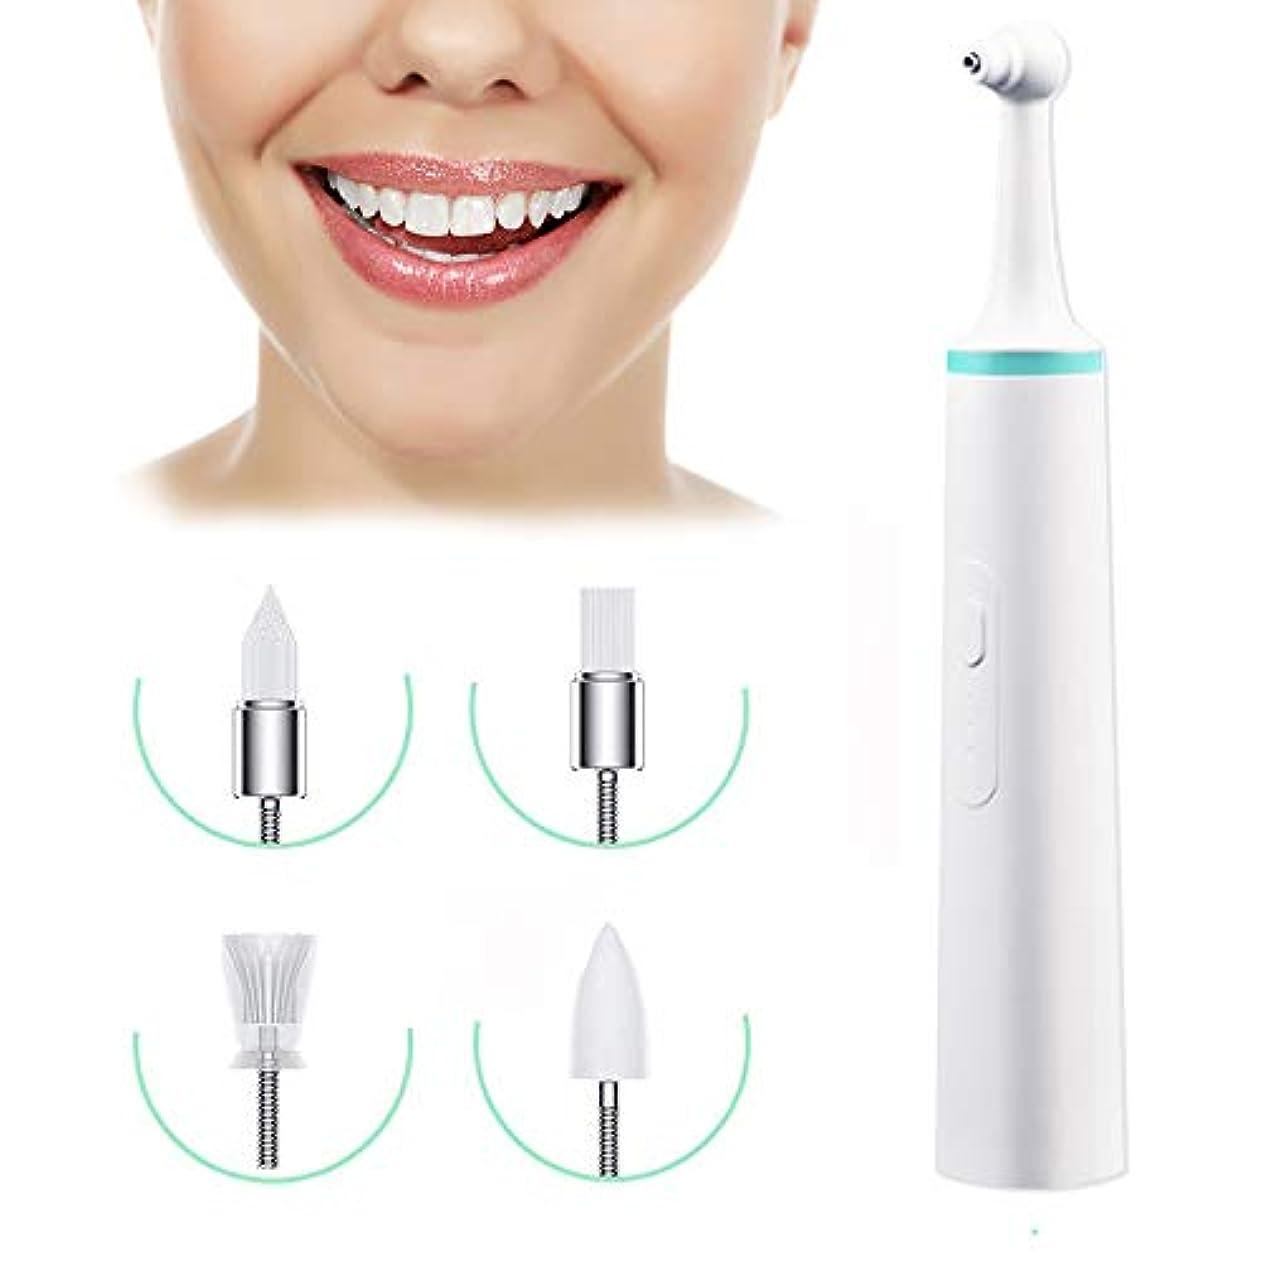 巧みなブレークショップ歯磨き用電動一体型デンタルギャップクリーナー、電動歯磨き機洗浄、歯科用ホワイトニング歯科用器具